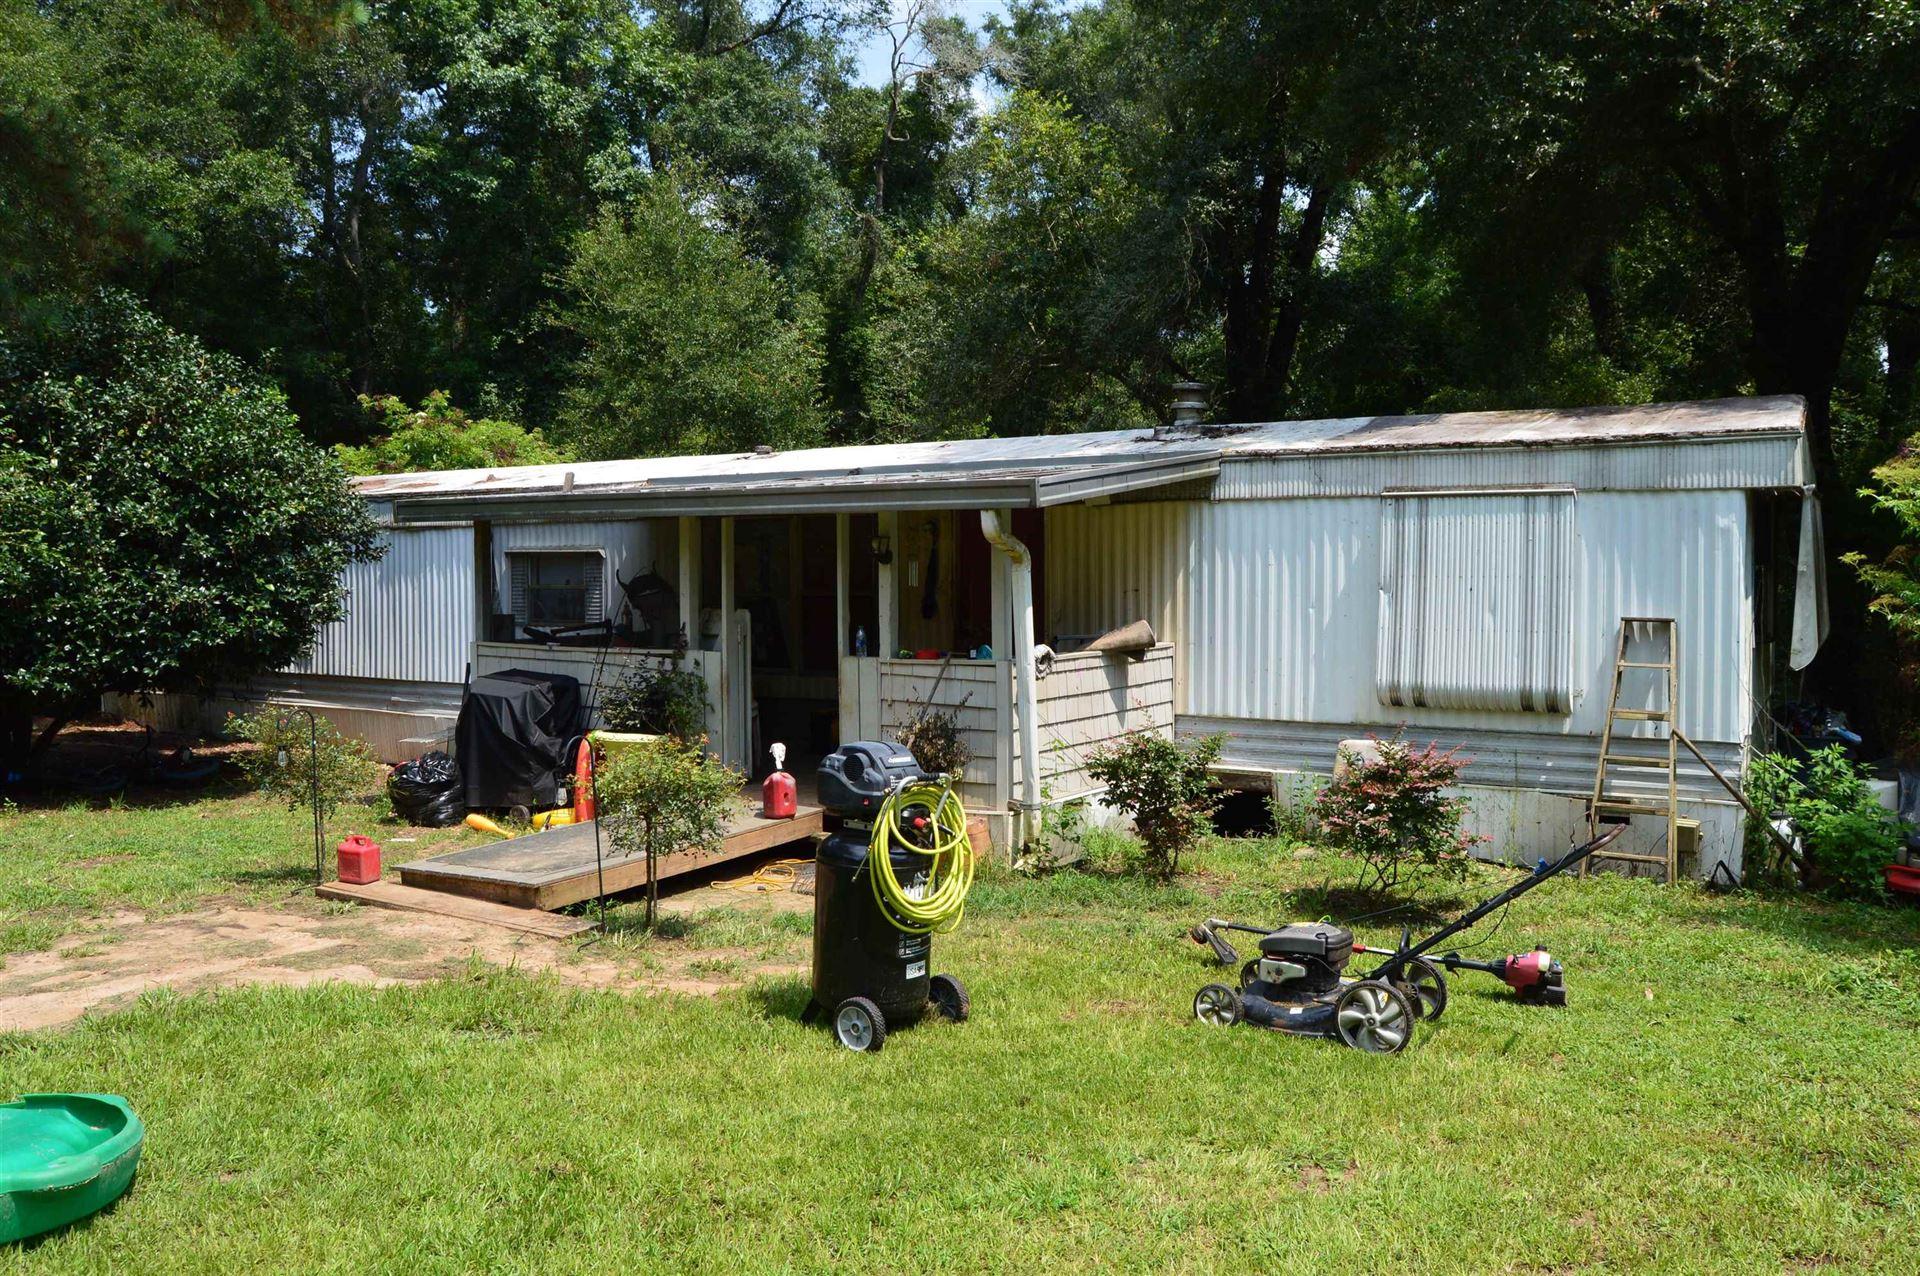 207 quail Lane, Monticello, FL 32344 - MLS#: 335743